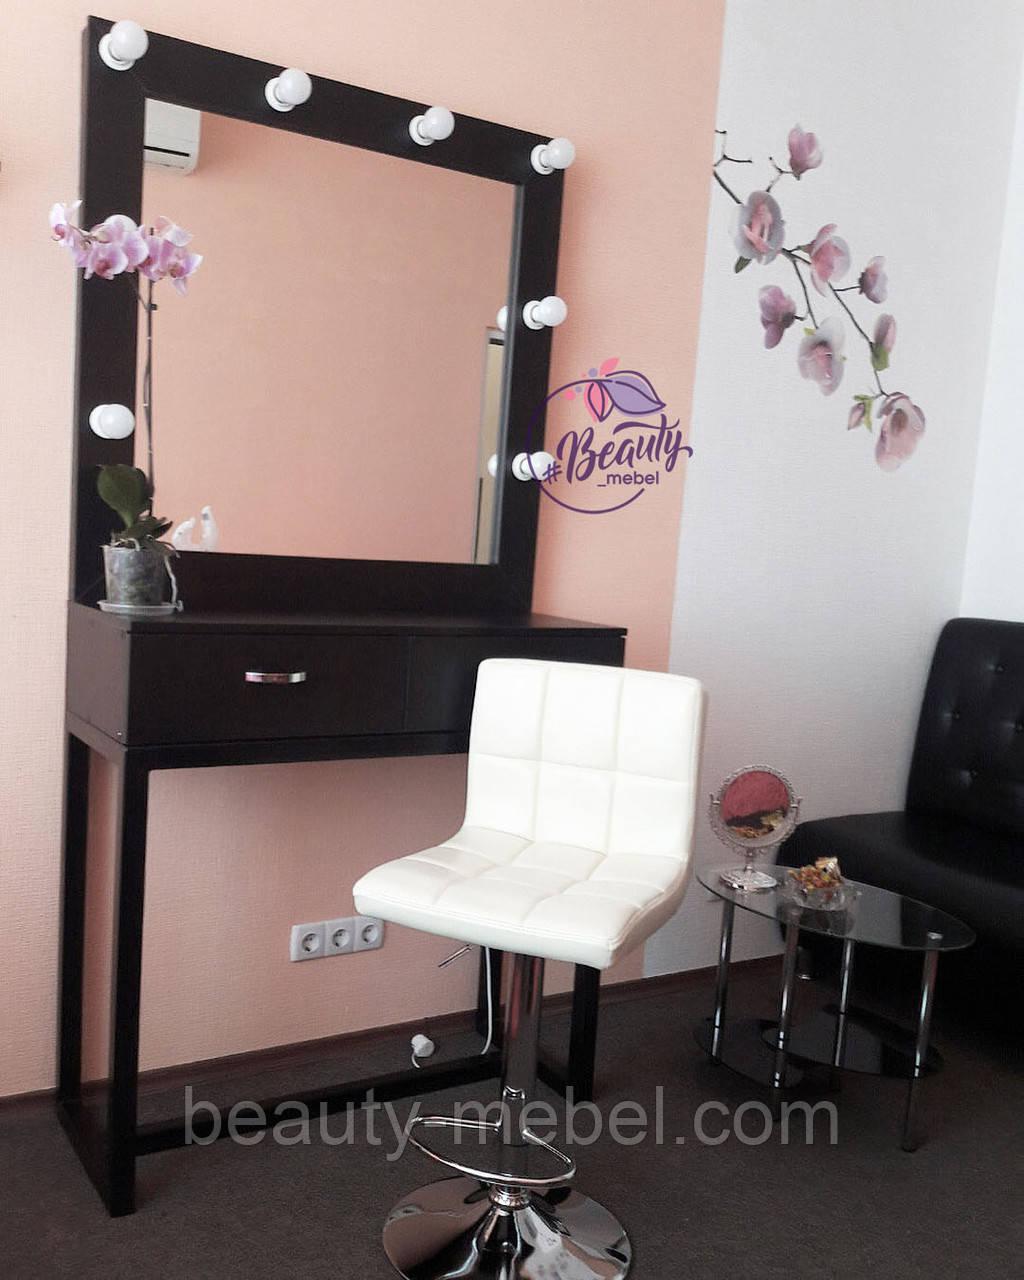 Гримерный столик на металлической основе, стол для макияжа с лампами